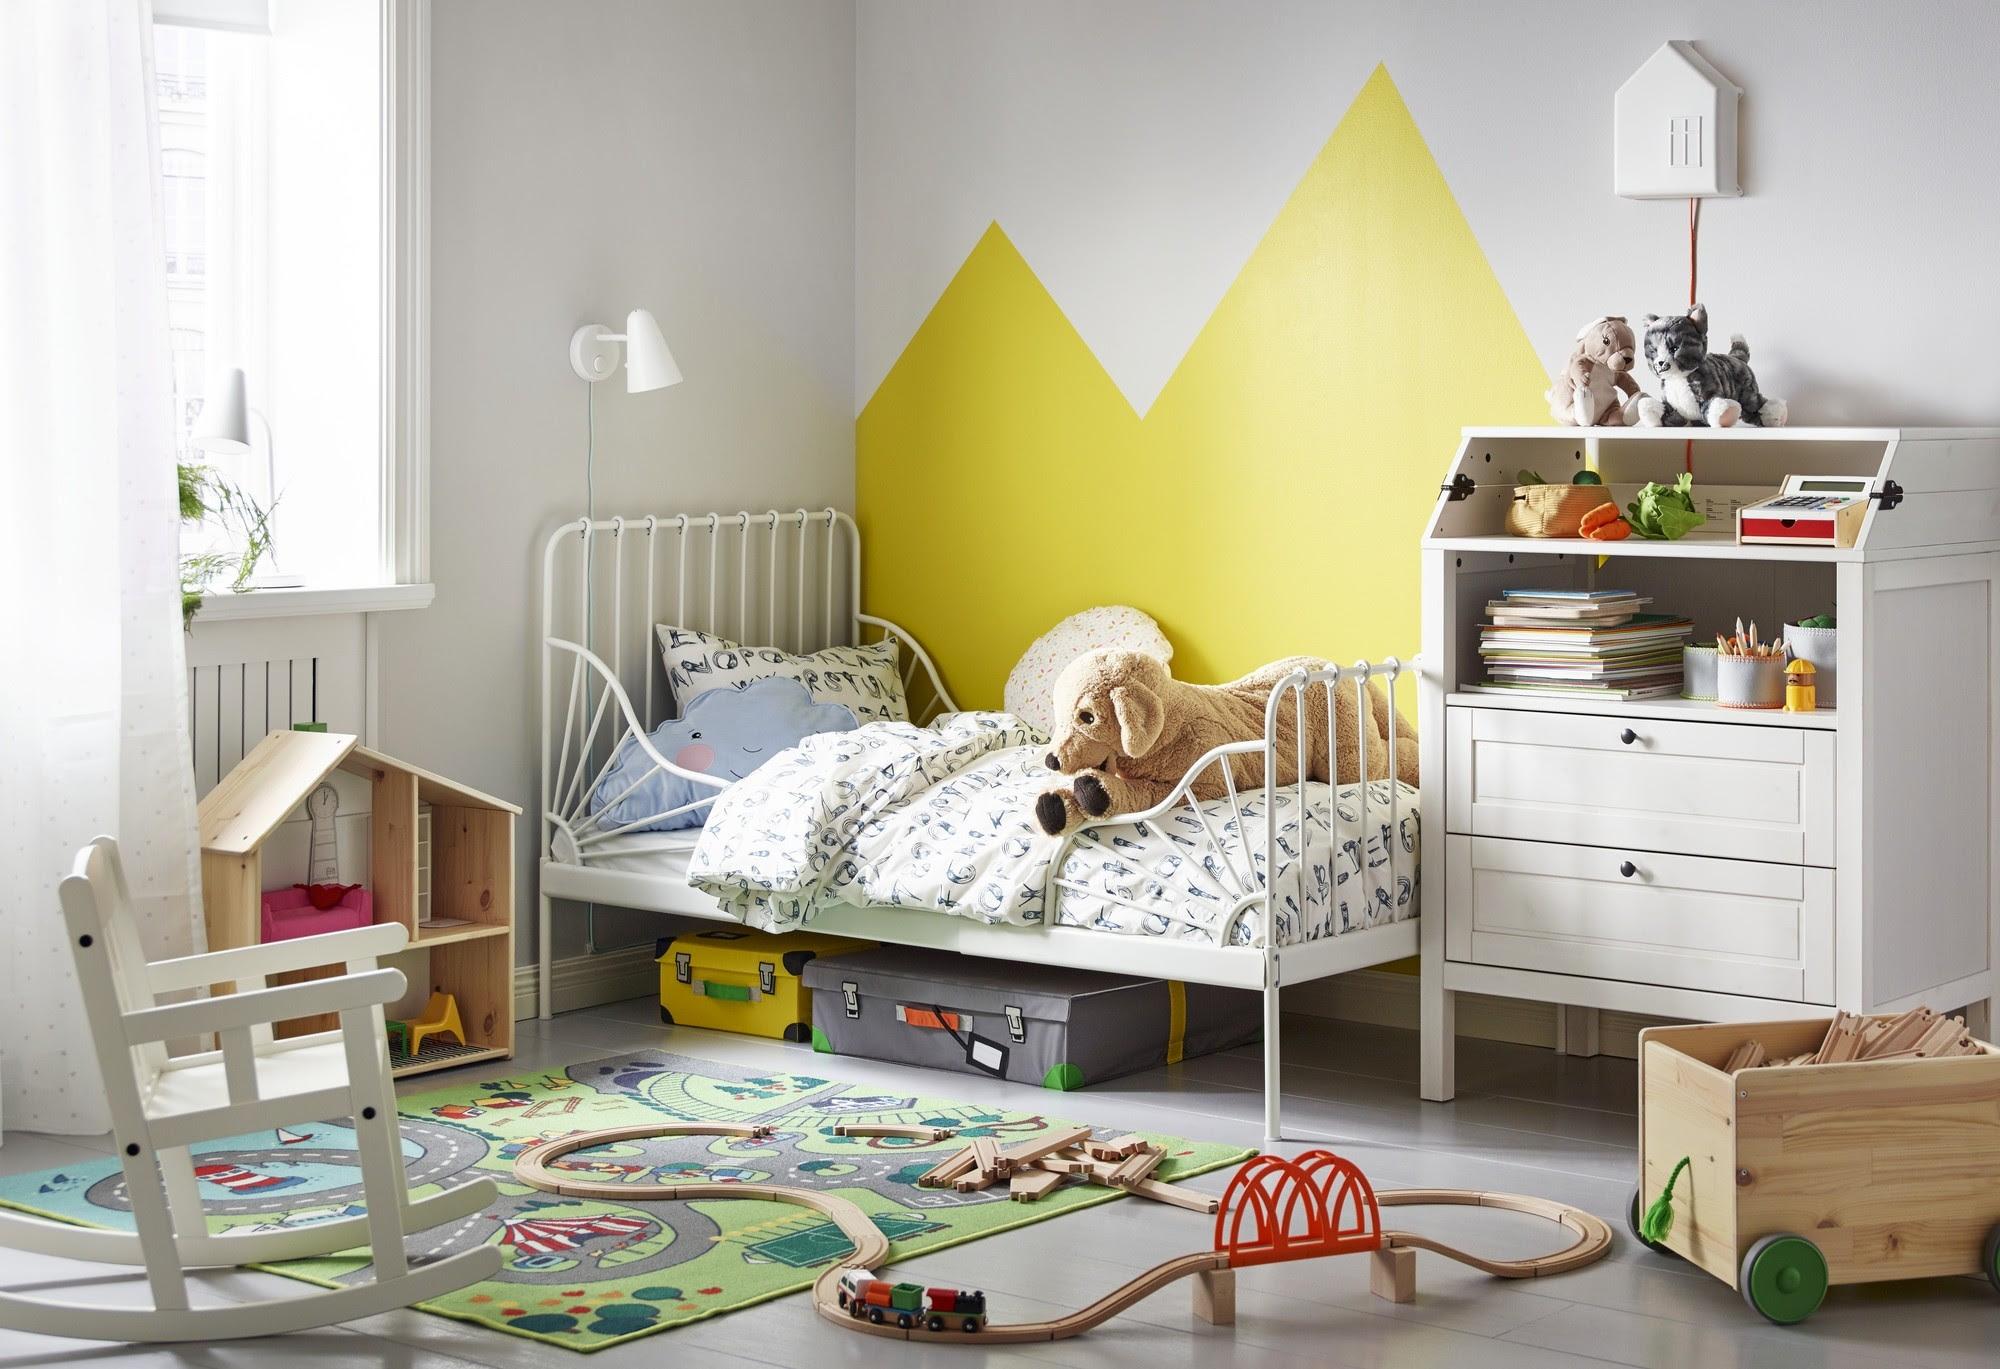 Inspirasi Desain Kamar Tidur Anak - I Love Fashion 88